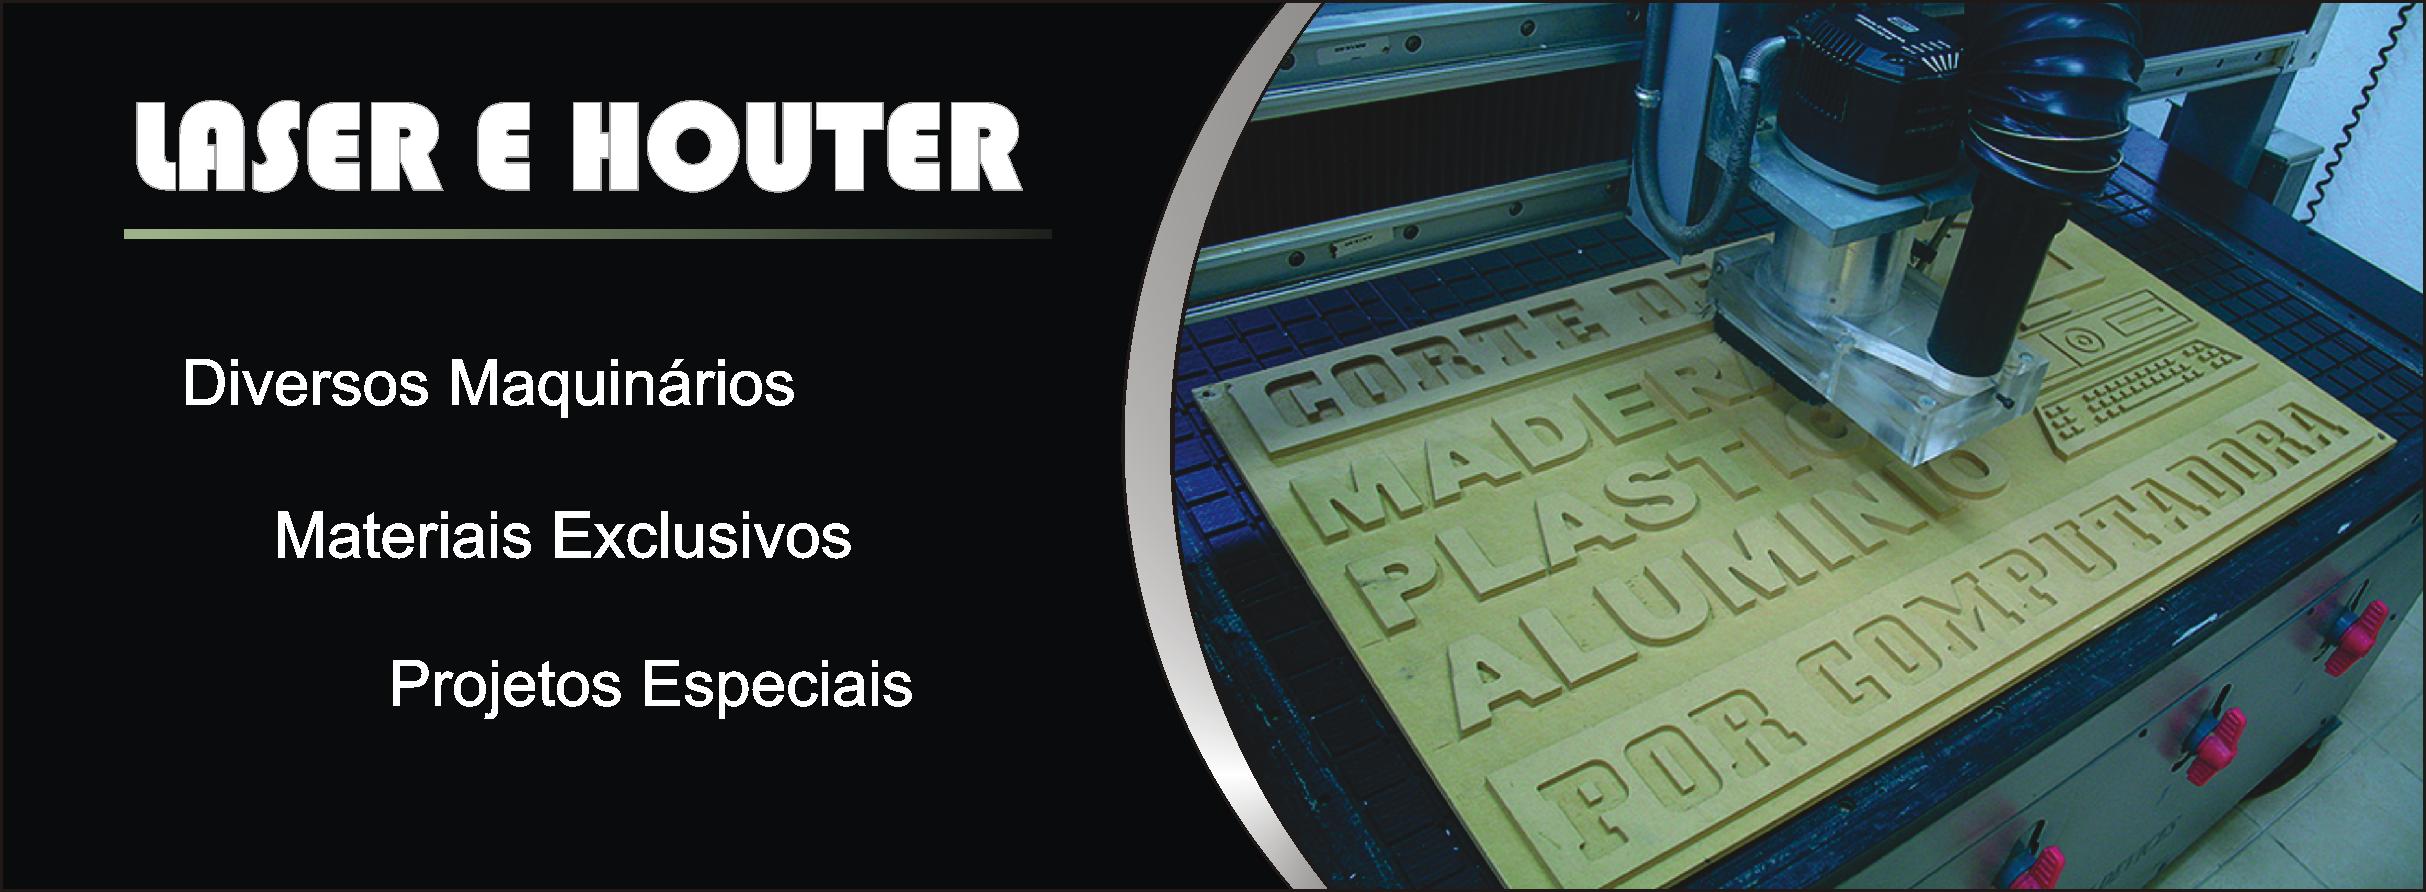 Laser e Router